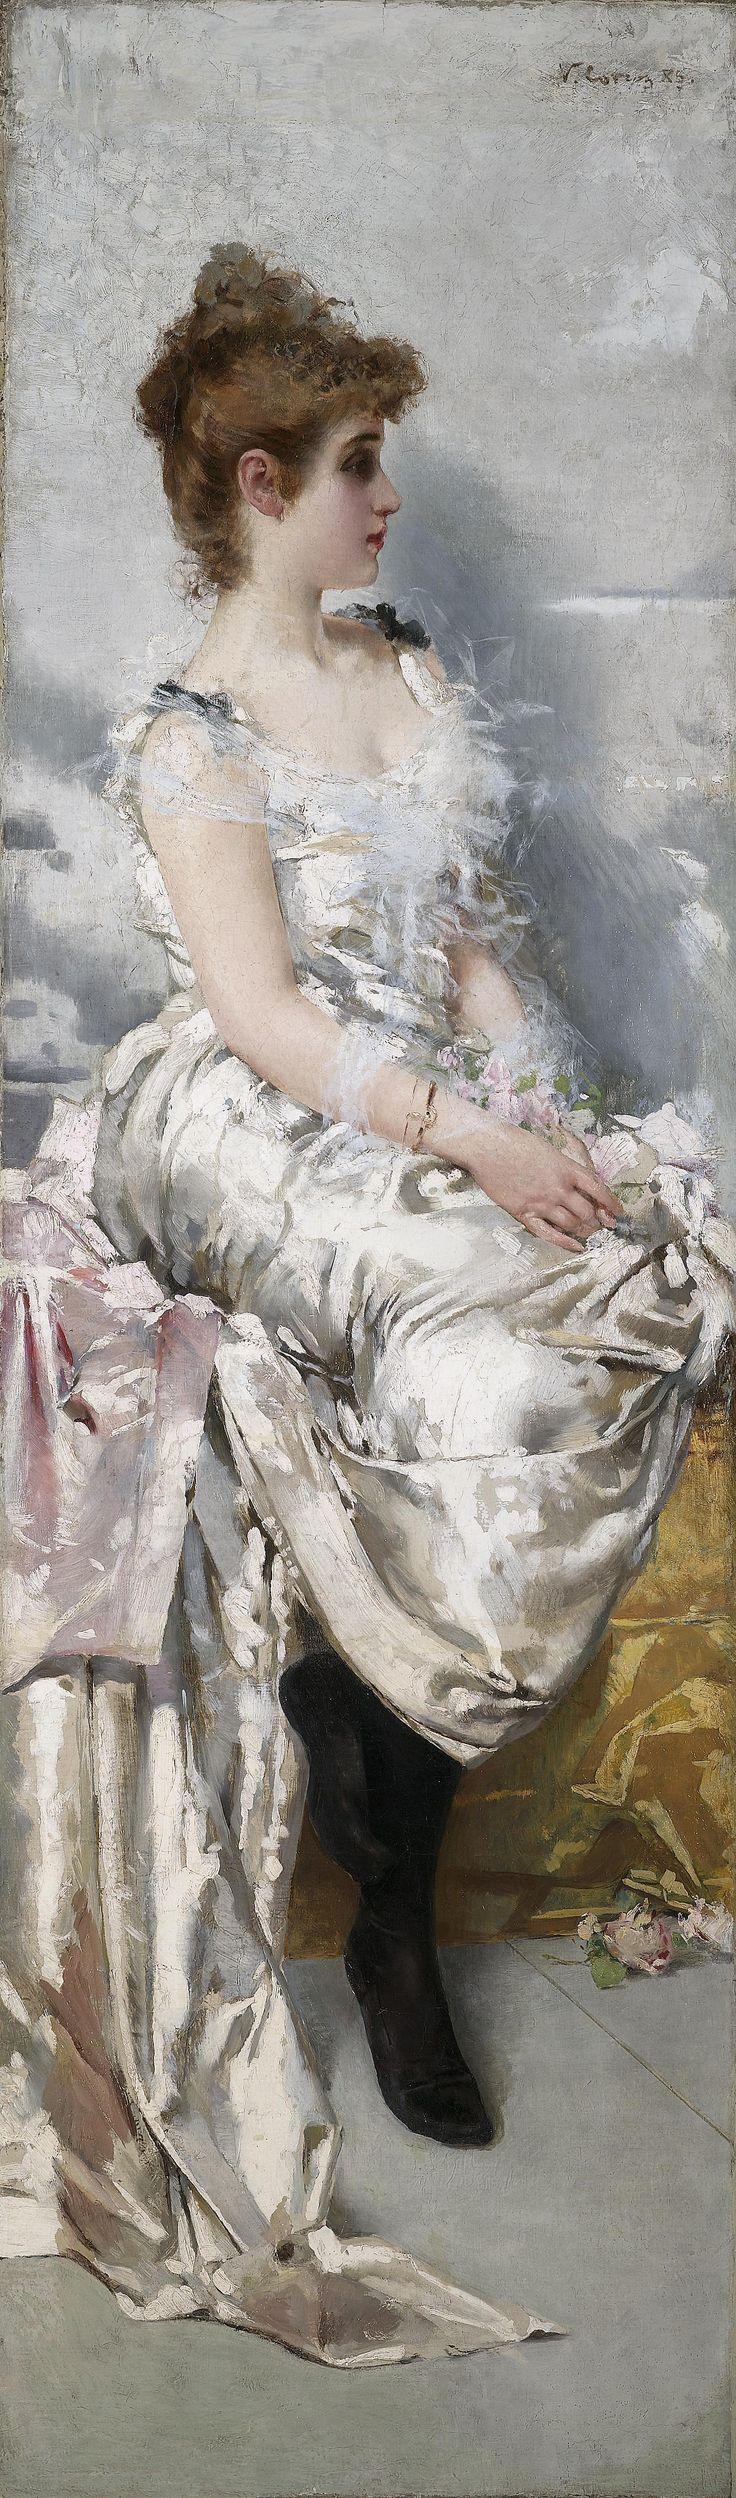 Vittorio Matteo Corcos Ritratto di giovane donna in abito binaco